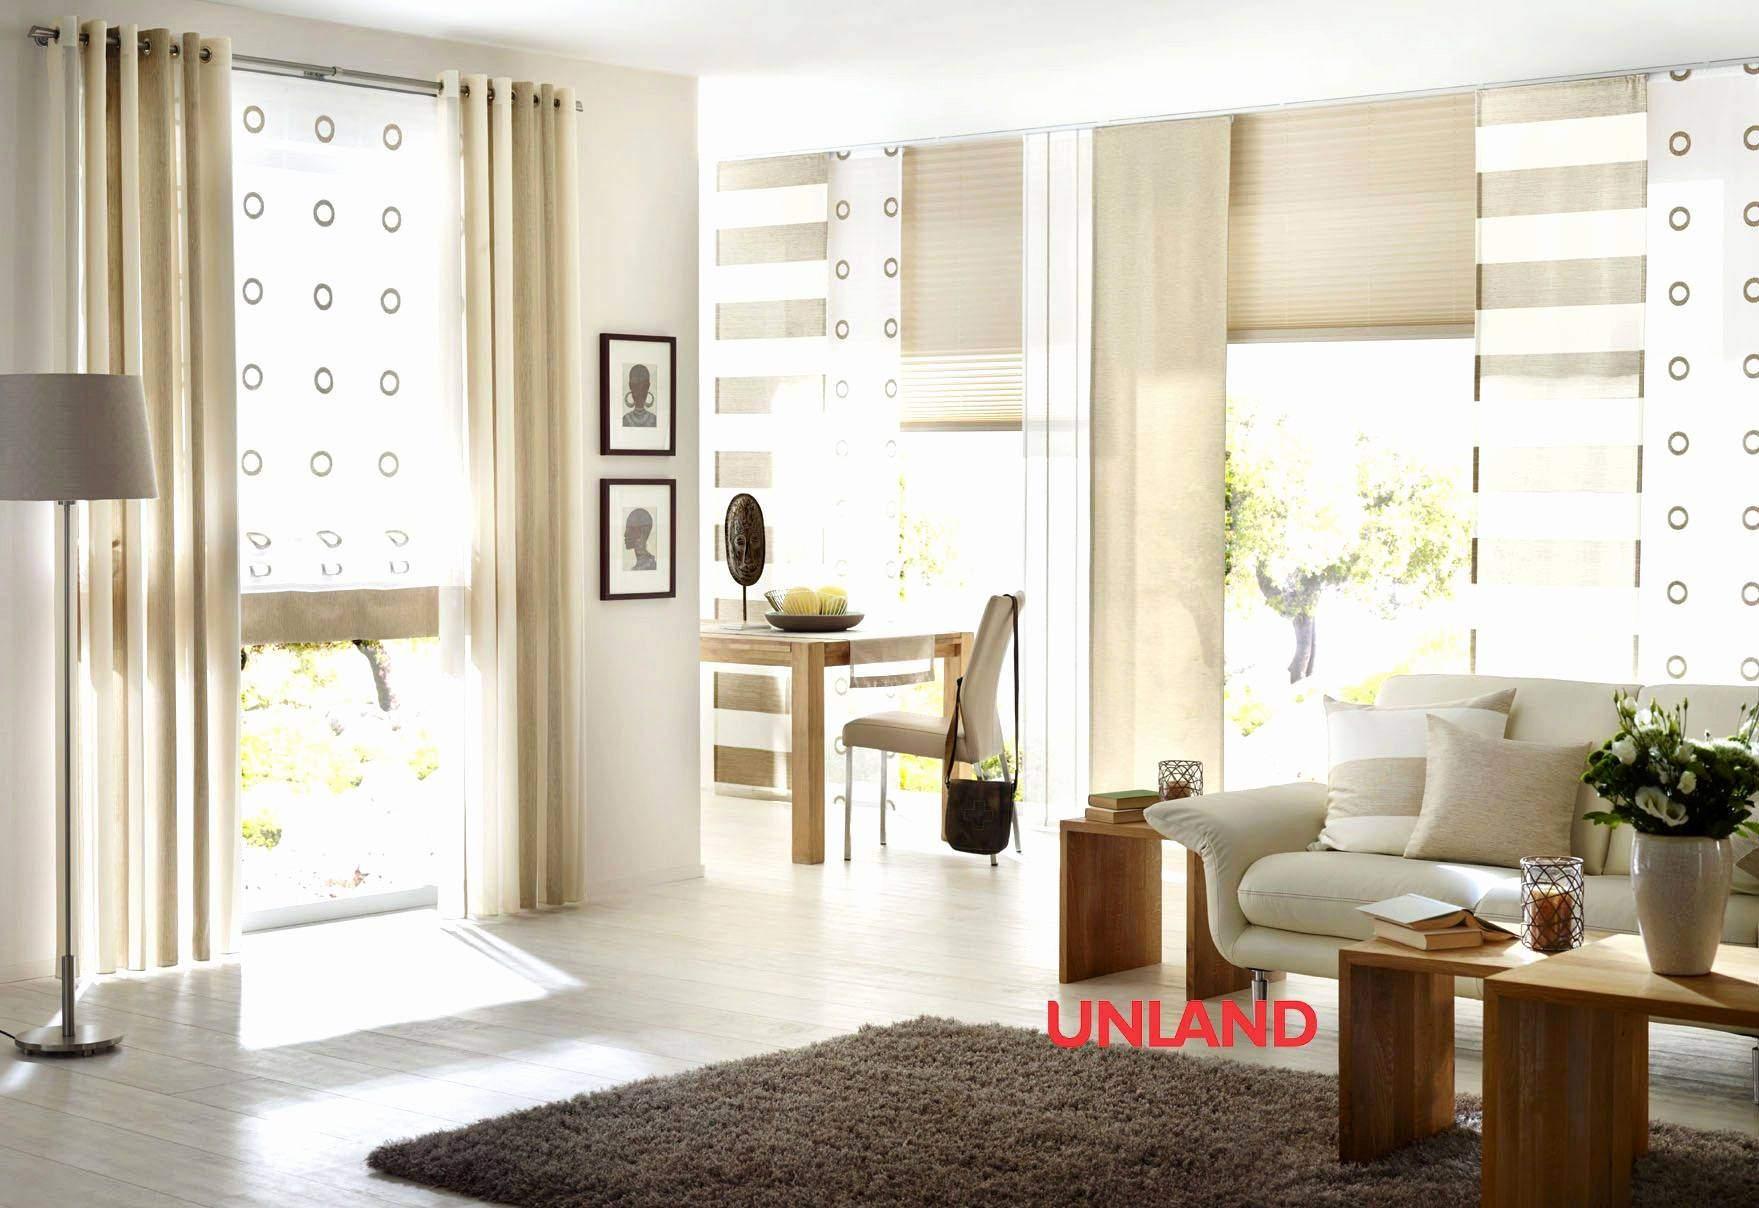 Full Size of Moderne Wohnzimmer Ideen Elegant Lovely Gardinen Modern Für Schlafzimmer Küche Tapeten Fenster Die Scheibengardinen Bad Renovieren Wohnzimmer Kreative Gardinen Ideen